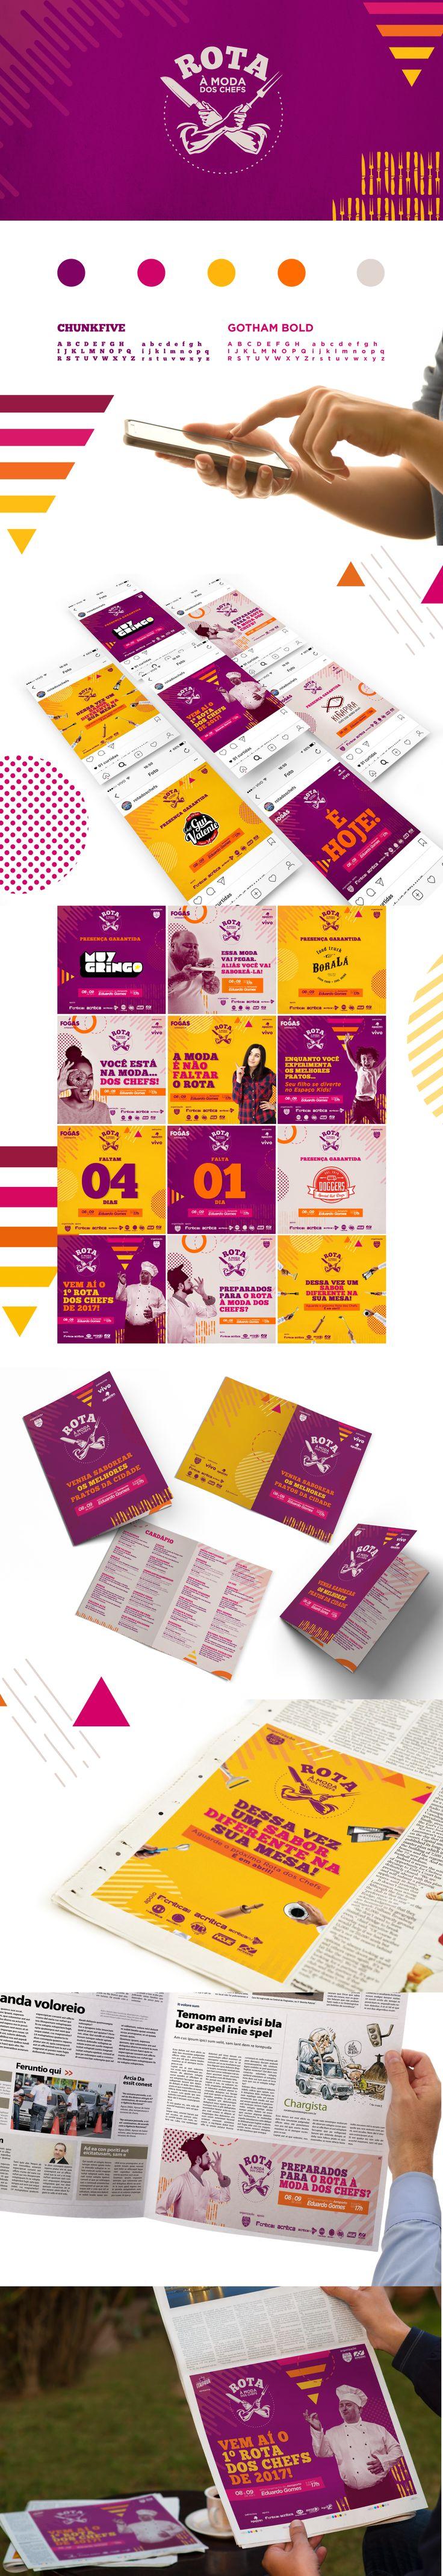 Confira este projeto do @Behance: u201cRota à Moda dos Chefsu201d https://www.behance.net/gallery/52045609/Rota-a-Moda-dos-Chefs